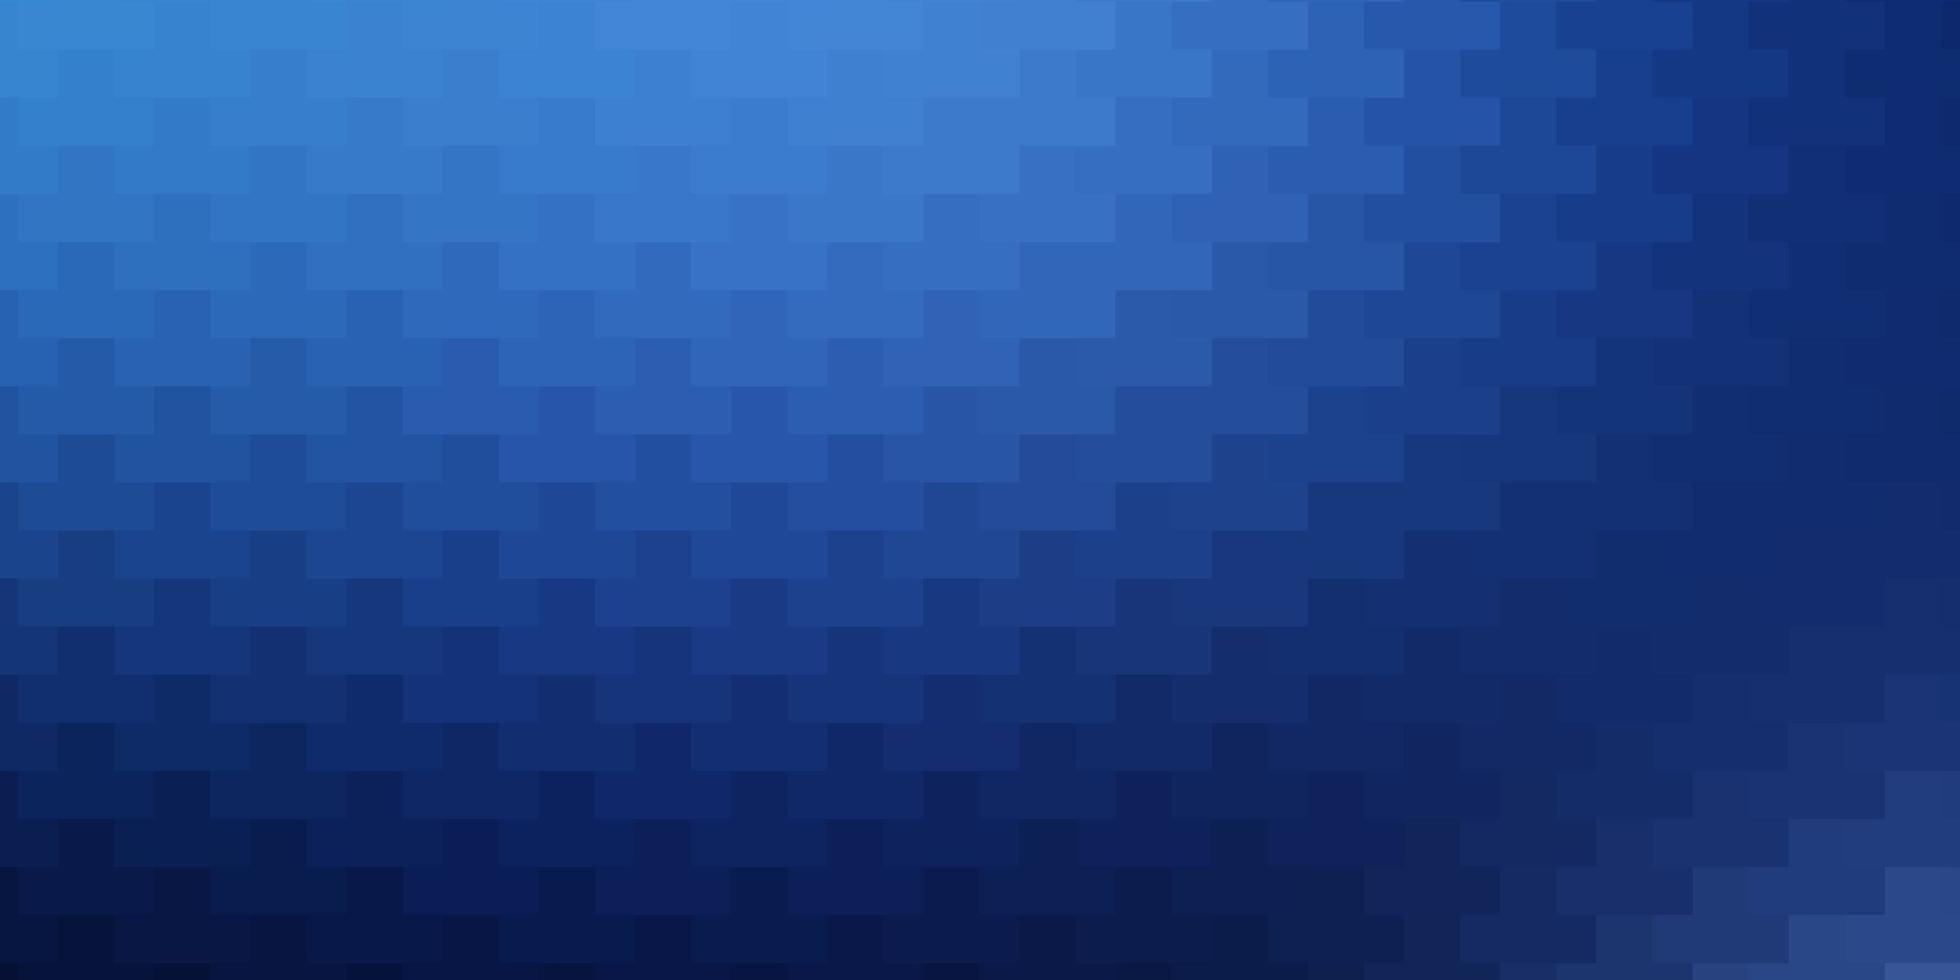 textura de vector azul oscuro en estilo rectangular.